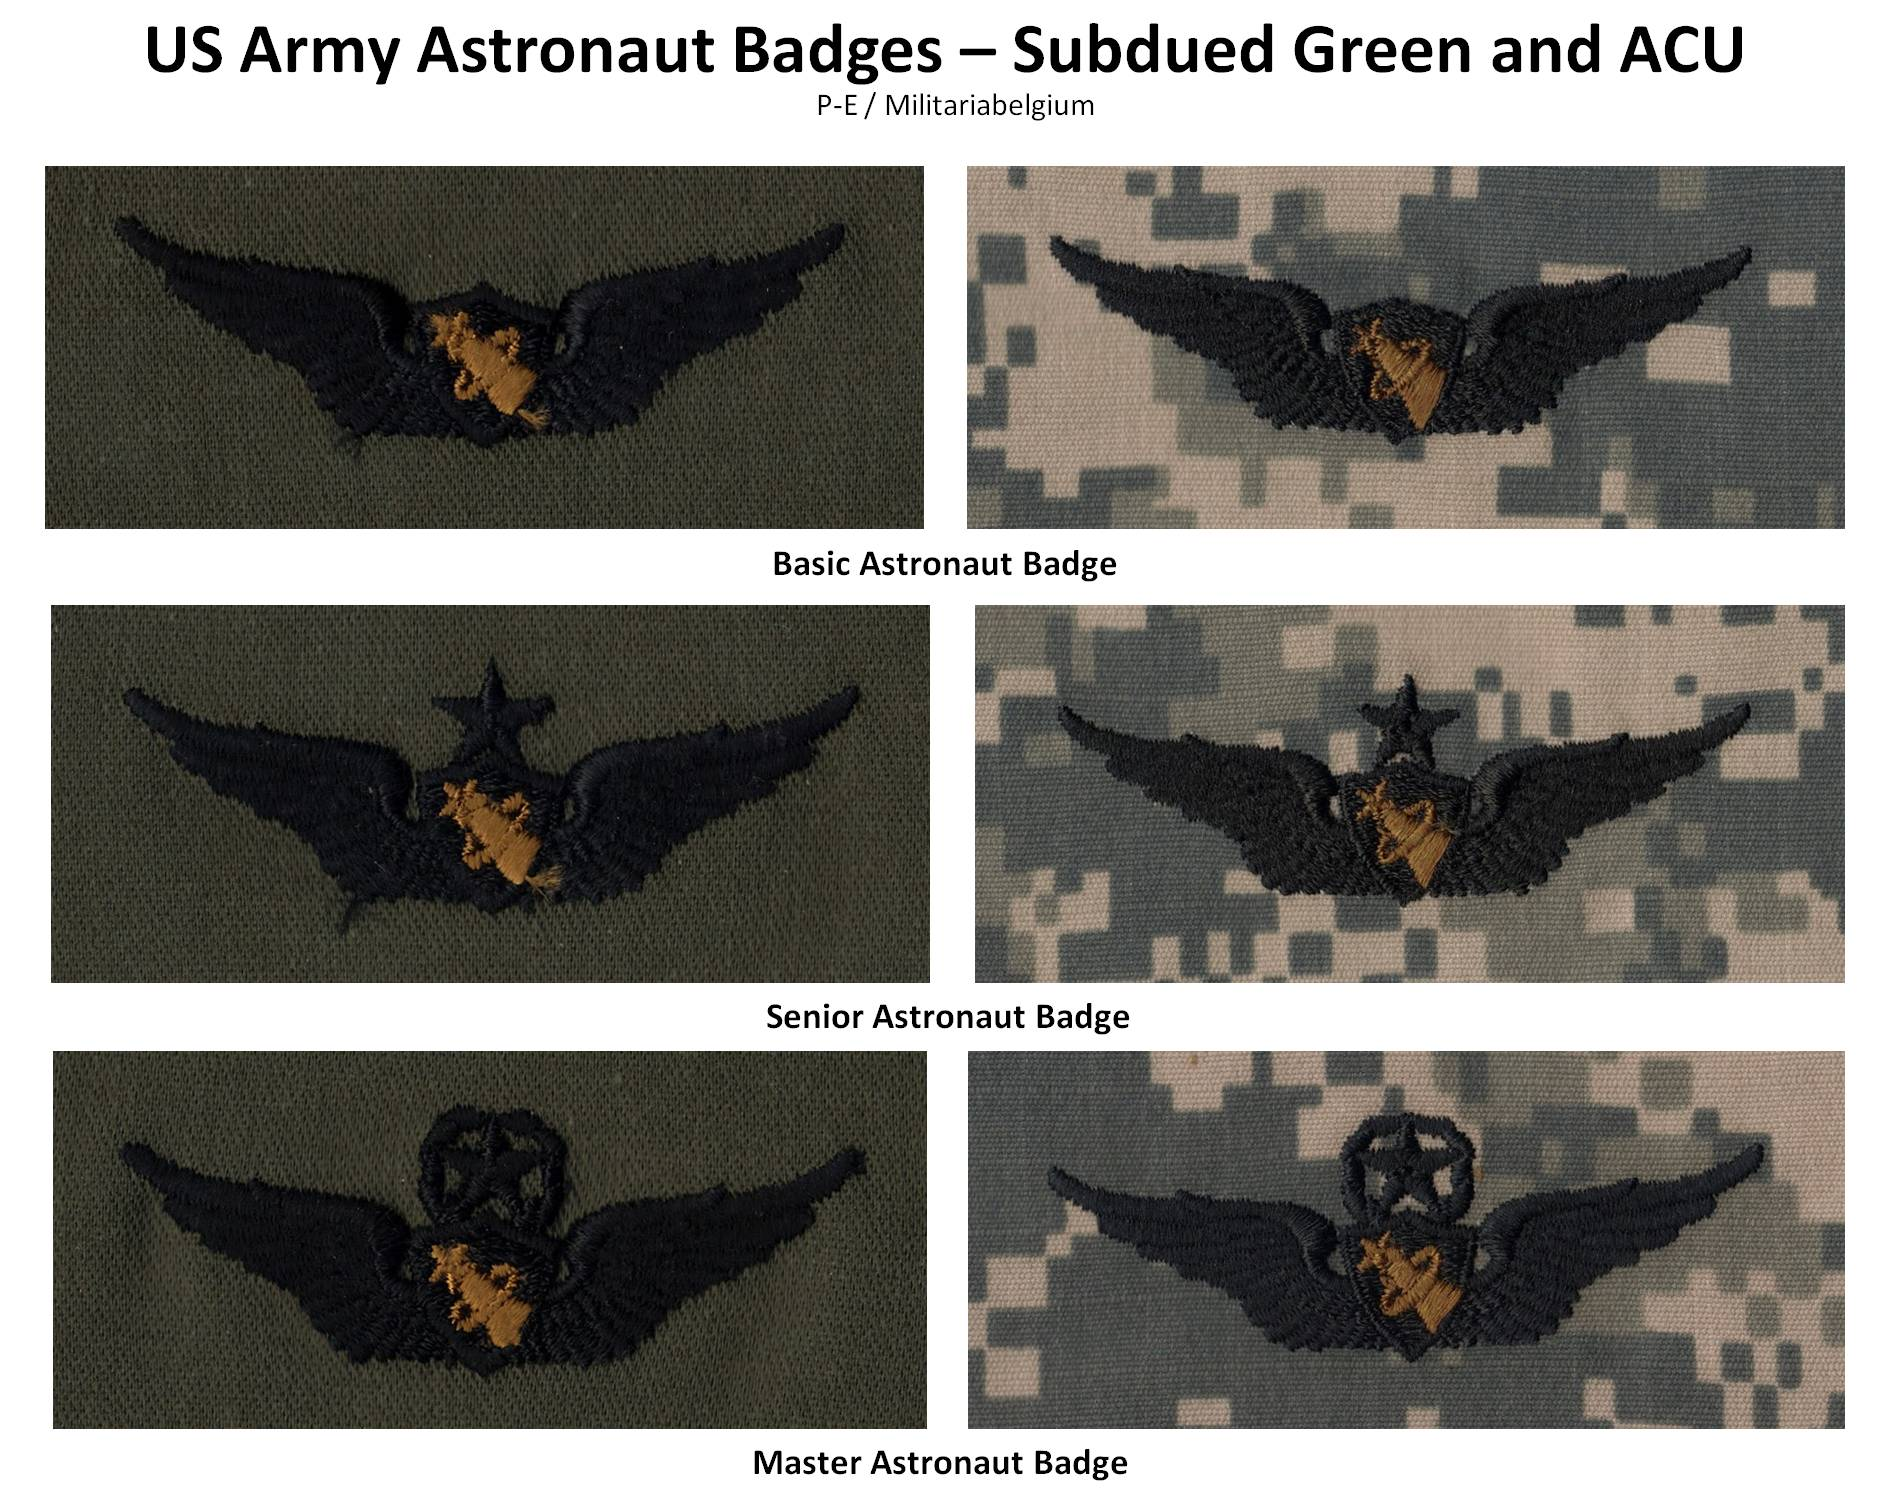 astronaut badges uniforms details - photo #24